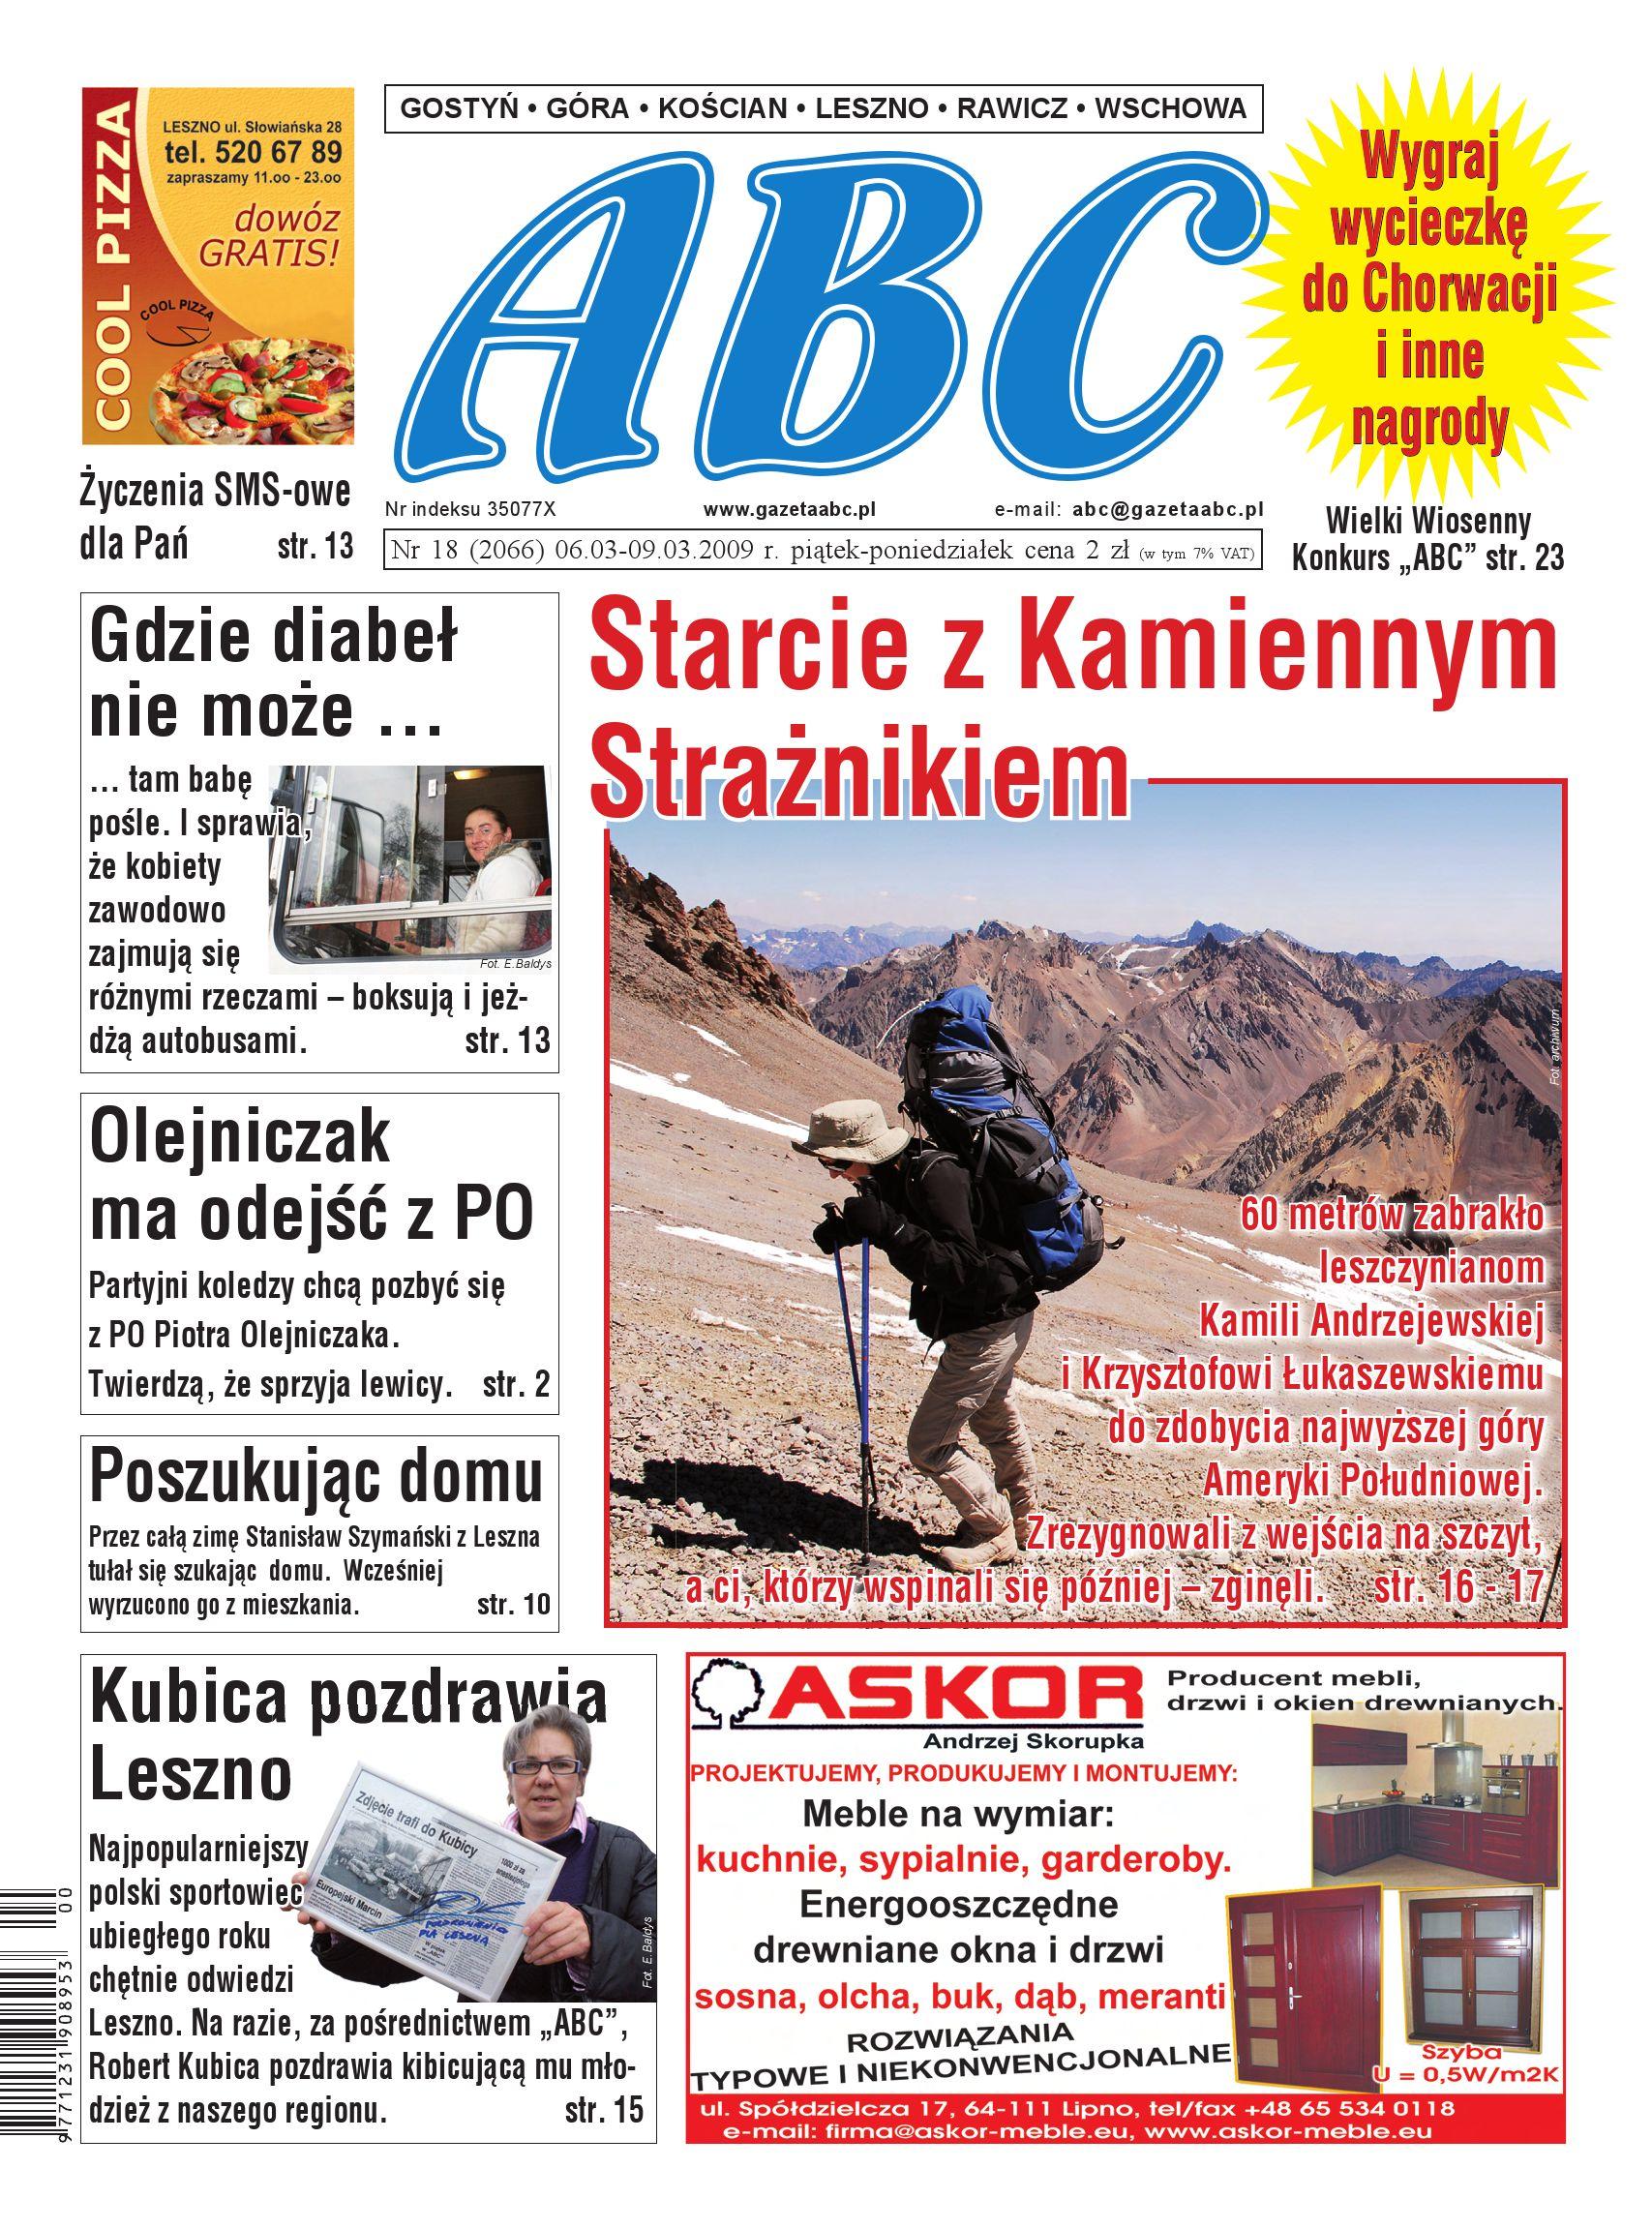 Gazeta Abc 6 Marca 2009 By Sekretarz Redakcji Issuu